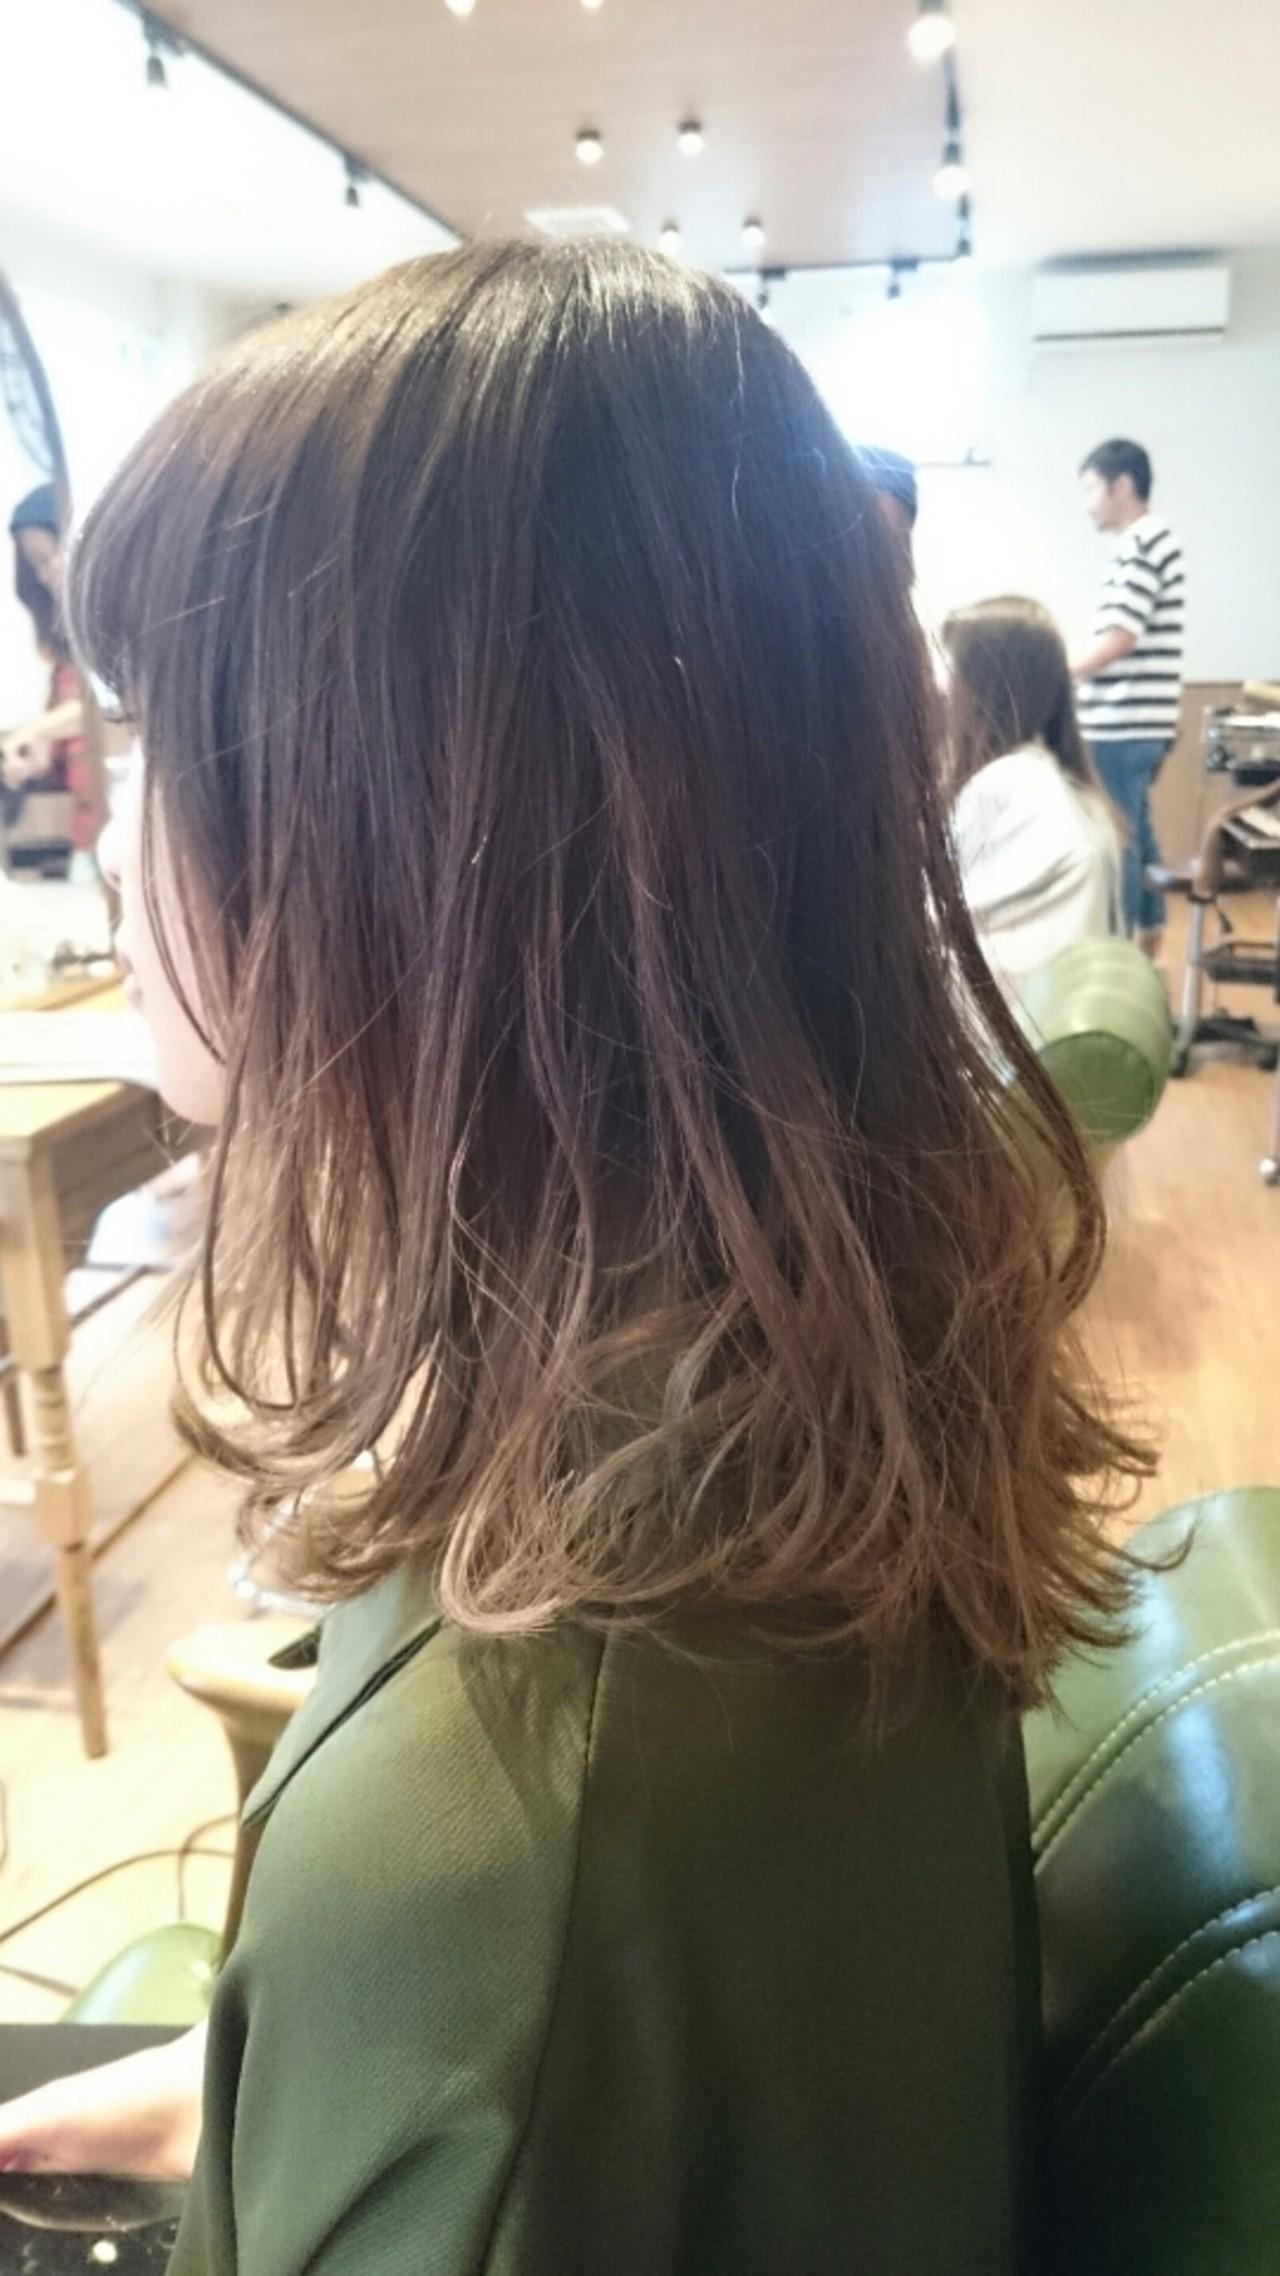 ハイライト グラデーションカラー 渋谷系 ガーリー ヘアスタイルや髪型の写真・画像